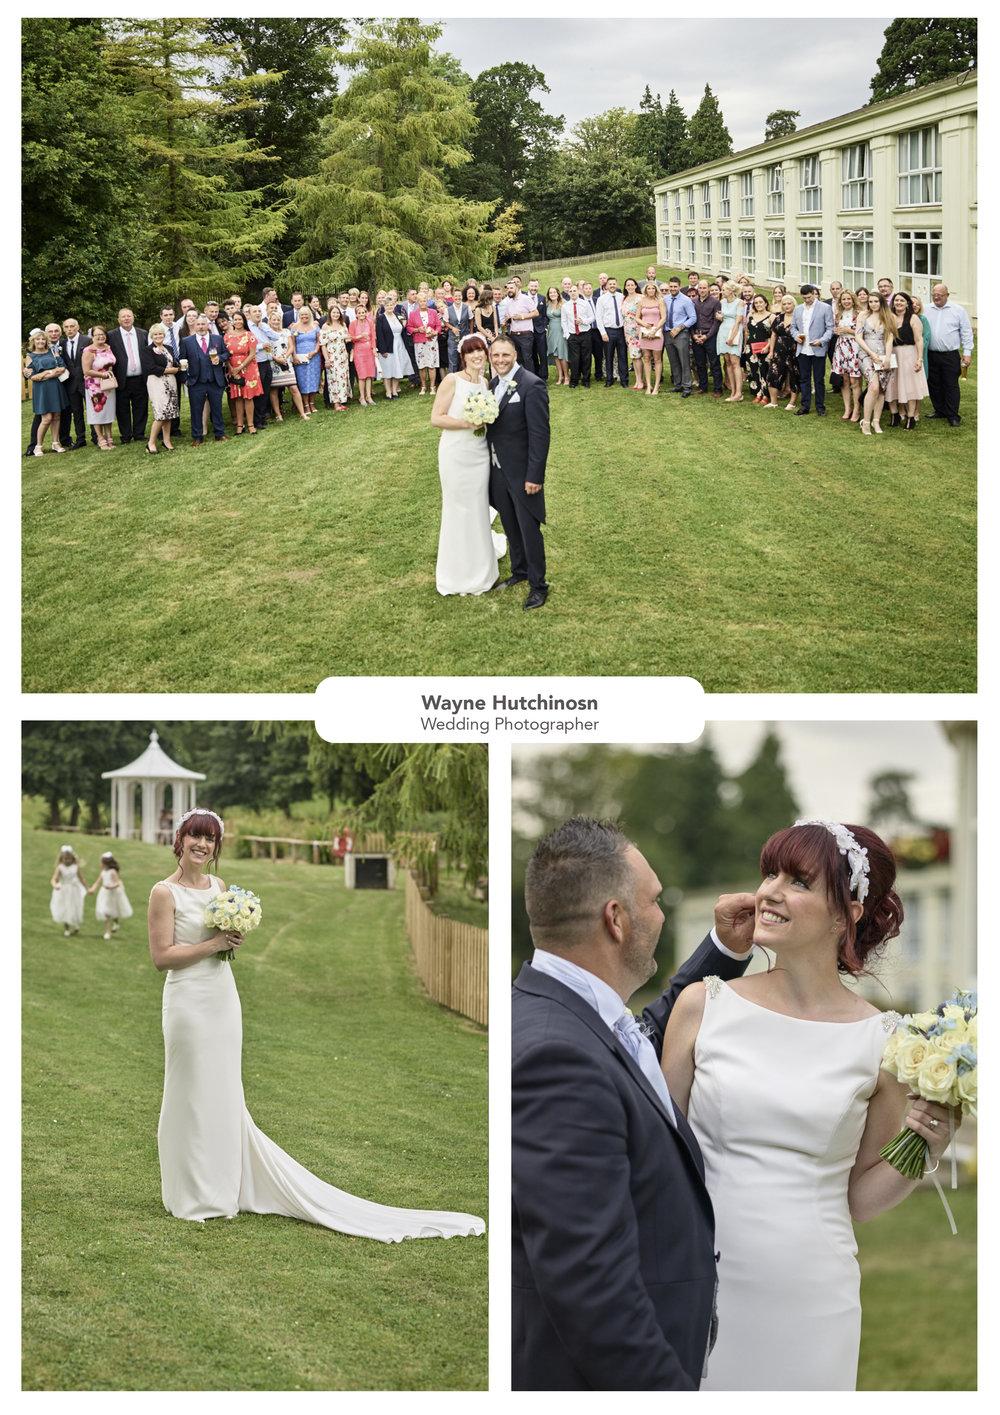 whp weddings 02.jpg